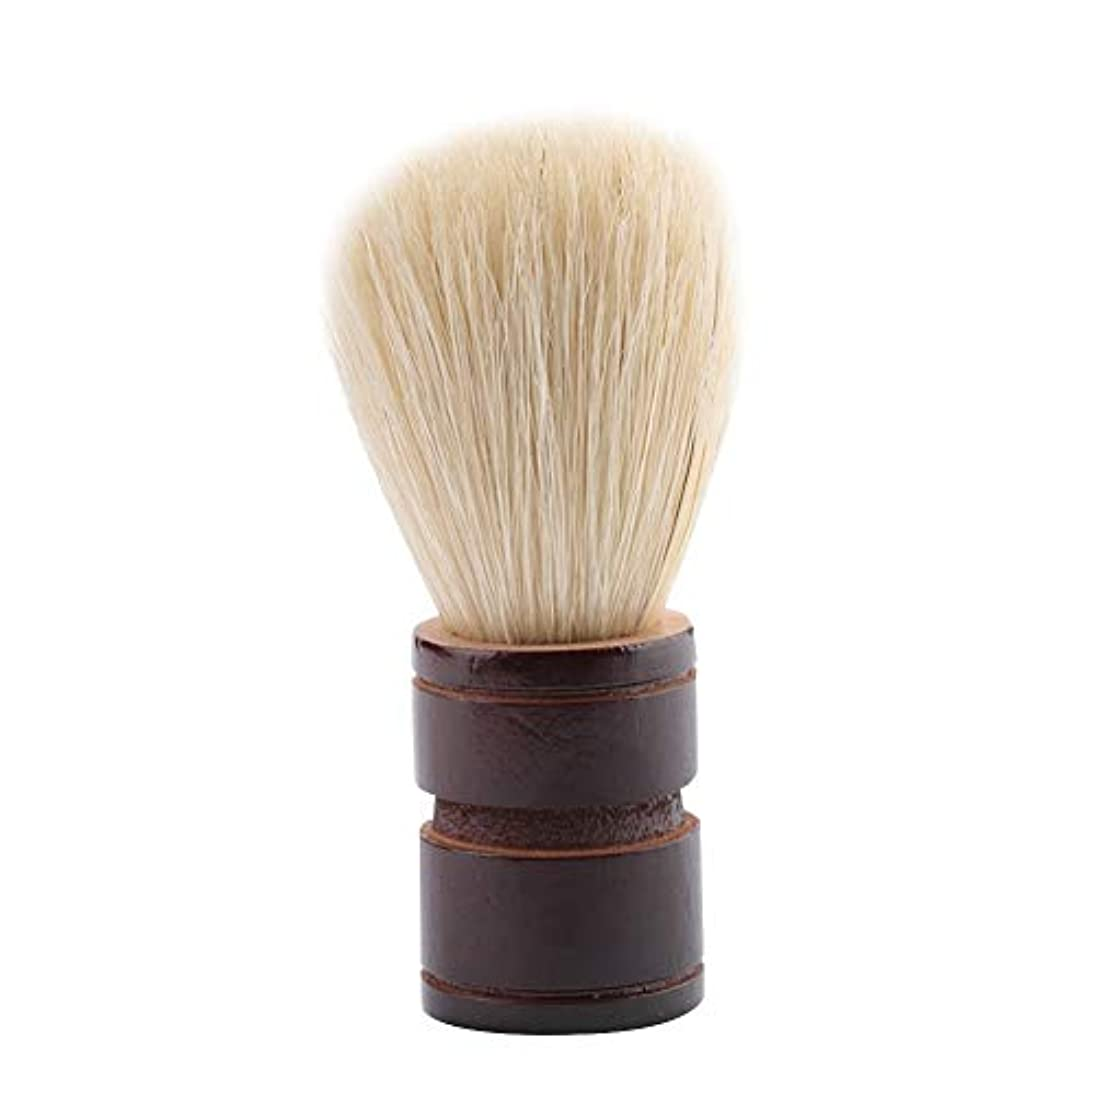 薄い宿泊影響力のあるBrocan サロンホーム旅行の使用のためのポータブル男性のひげブラシ木製ハンドルシェービングブラシ(ウッド+絵筆)